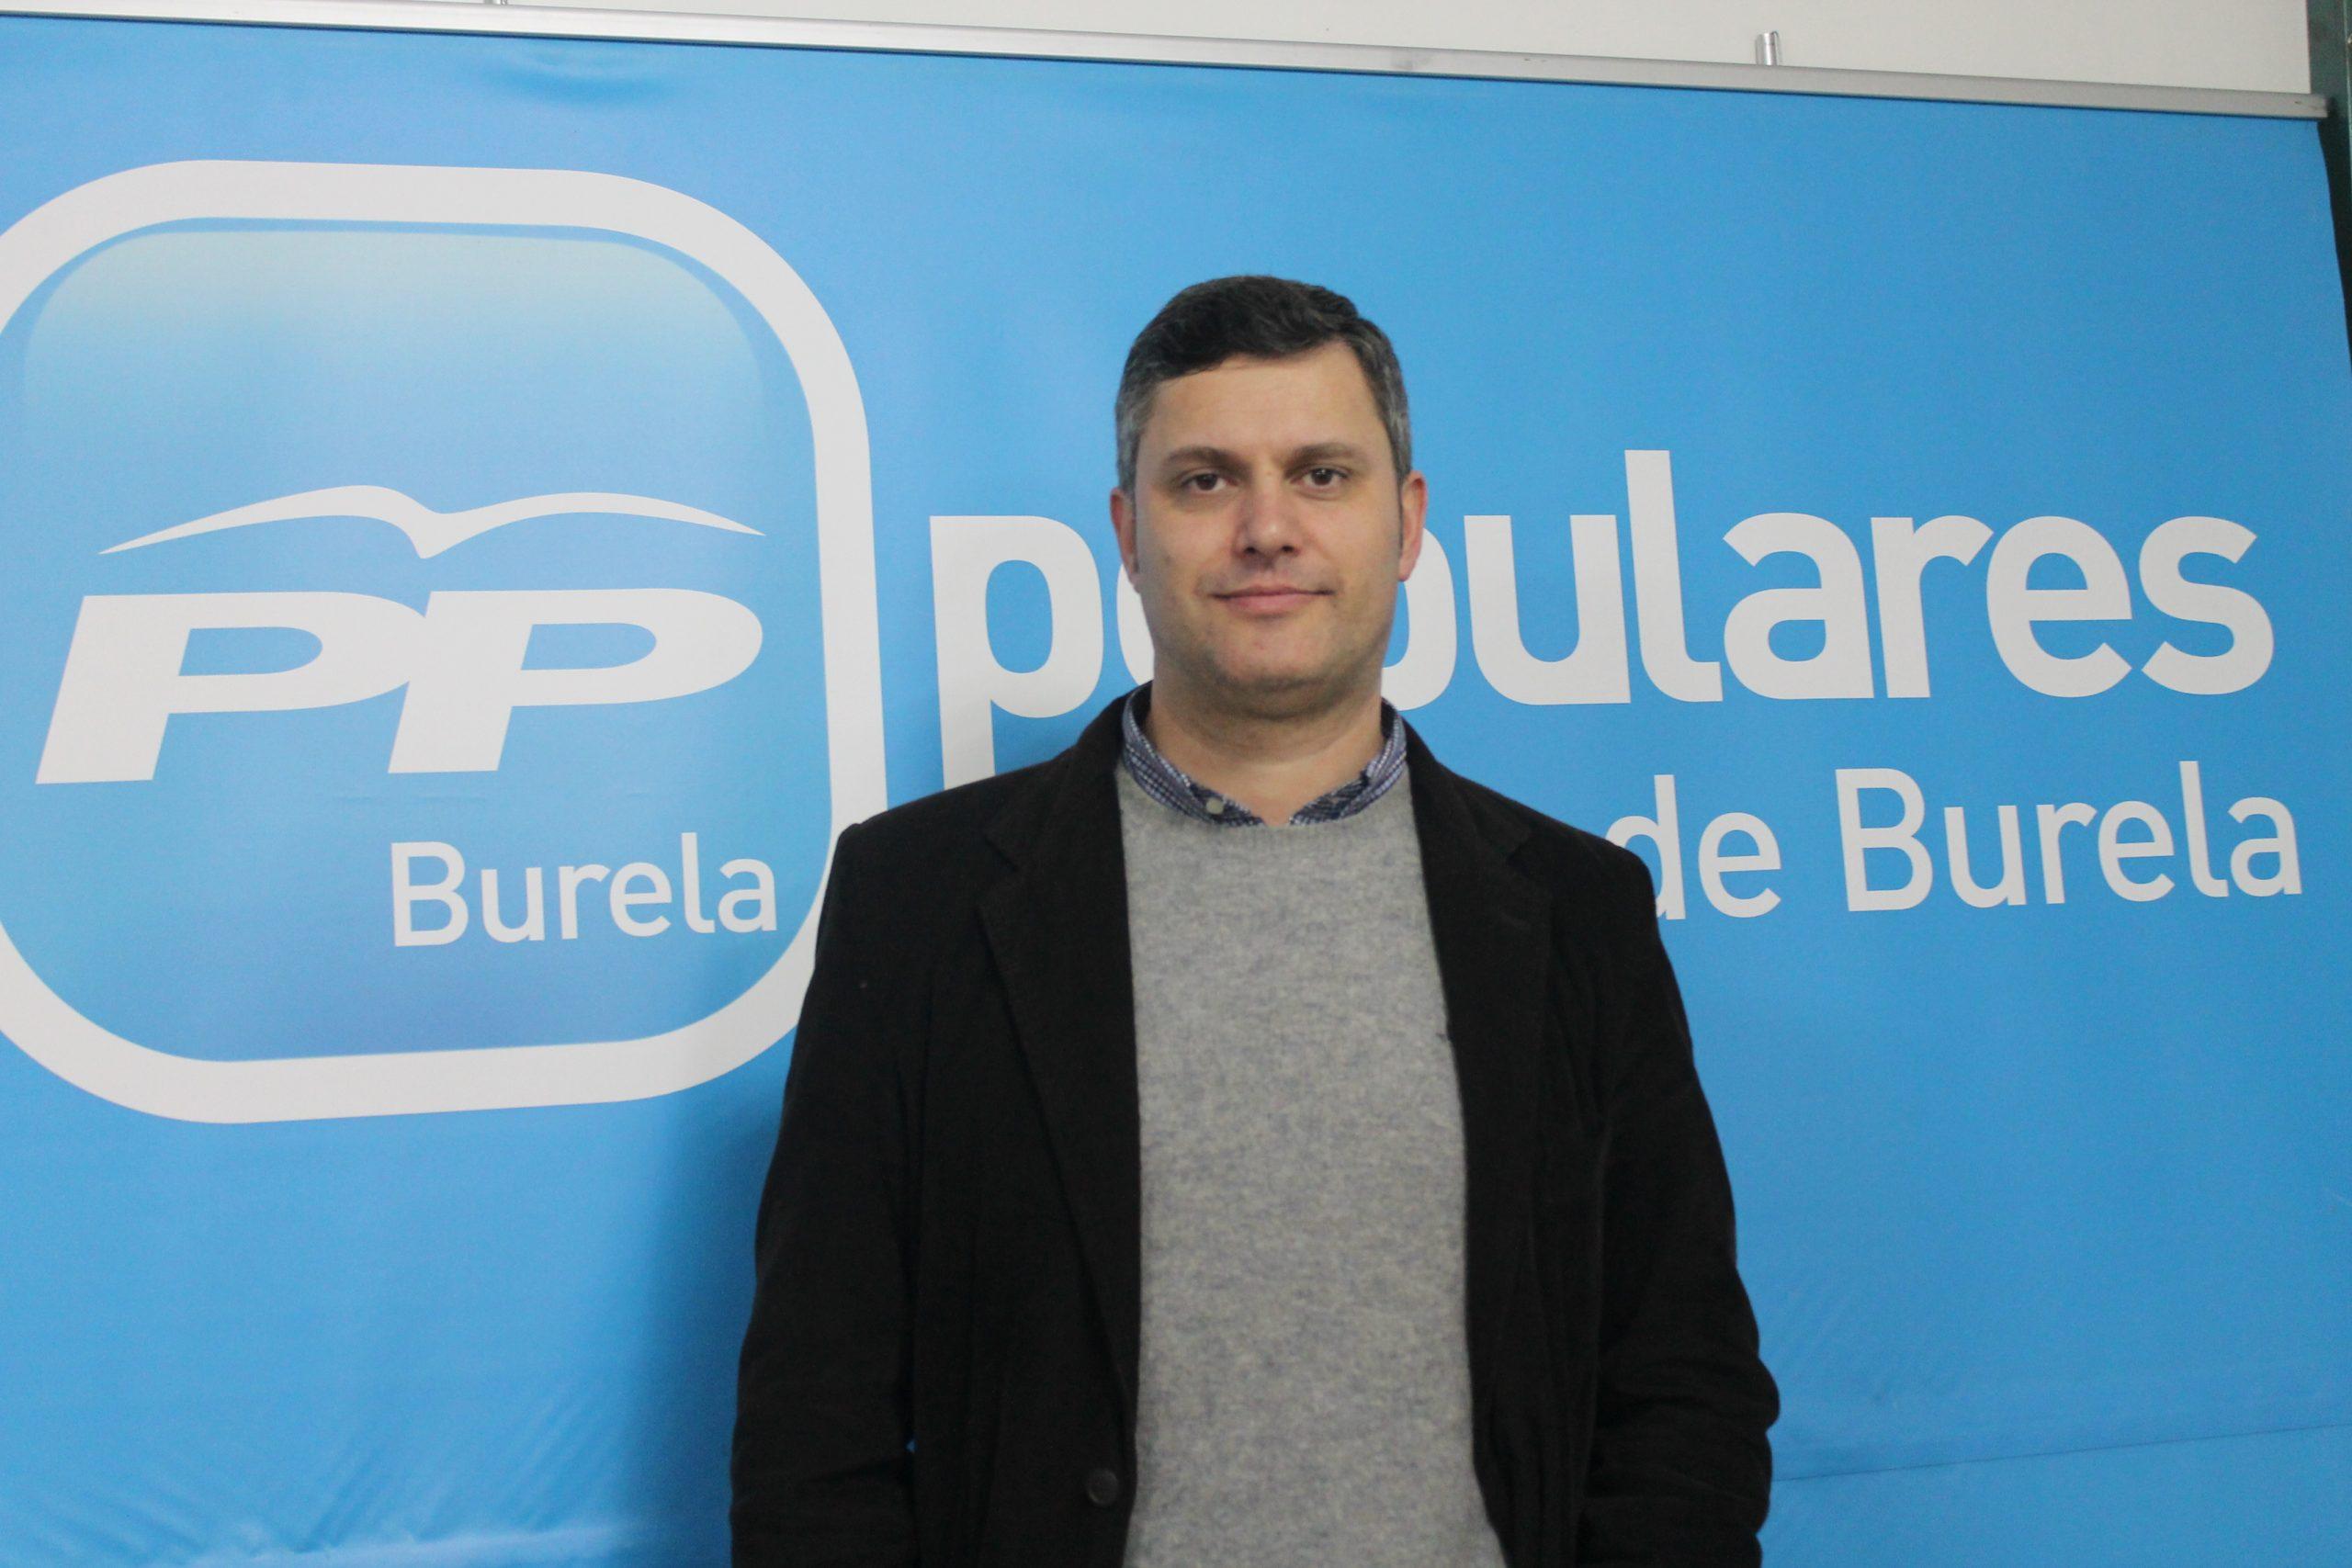 O PP de Burela asegura que por non cumprir co convenio colectivo, o Concello foi condenado a indemnizar a unha persoa traballadora laboral fixa xubilada por incapacidade